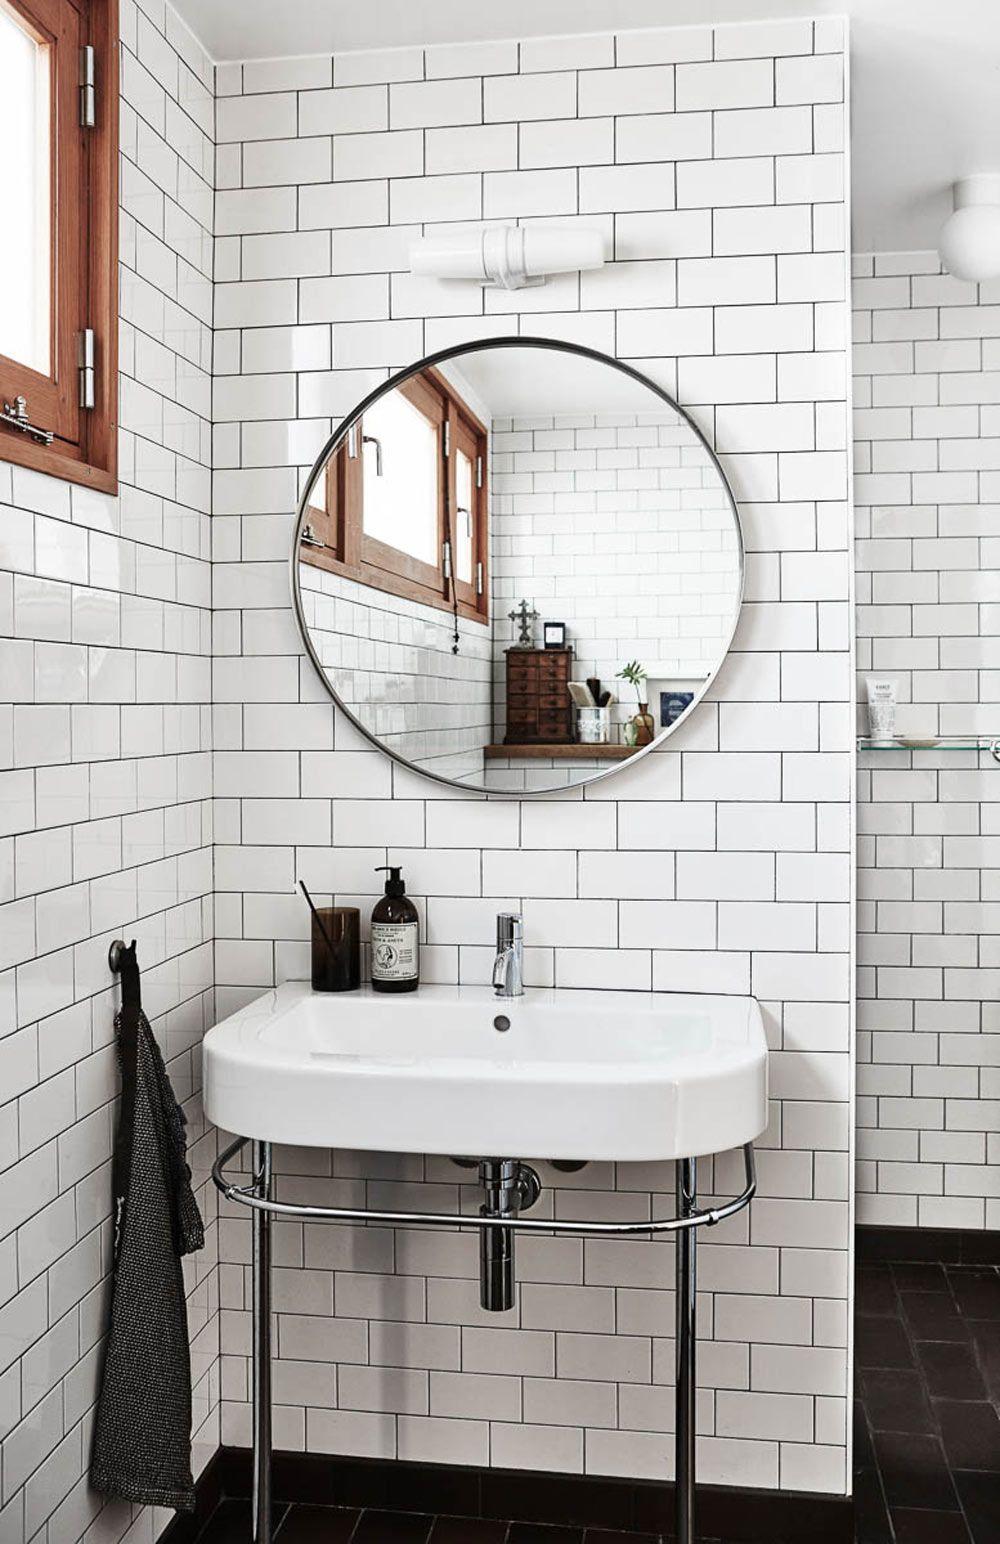 Bathrooms Decoration Homedesign In 2020 Skandinavisches Badezimmer Moderne Badezimmermobel Runde Badezimmerspiegel